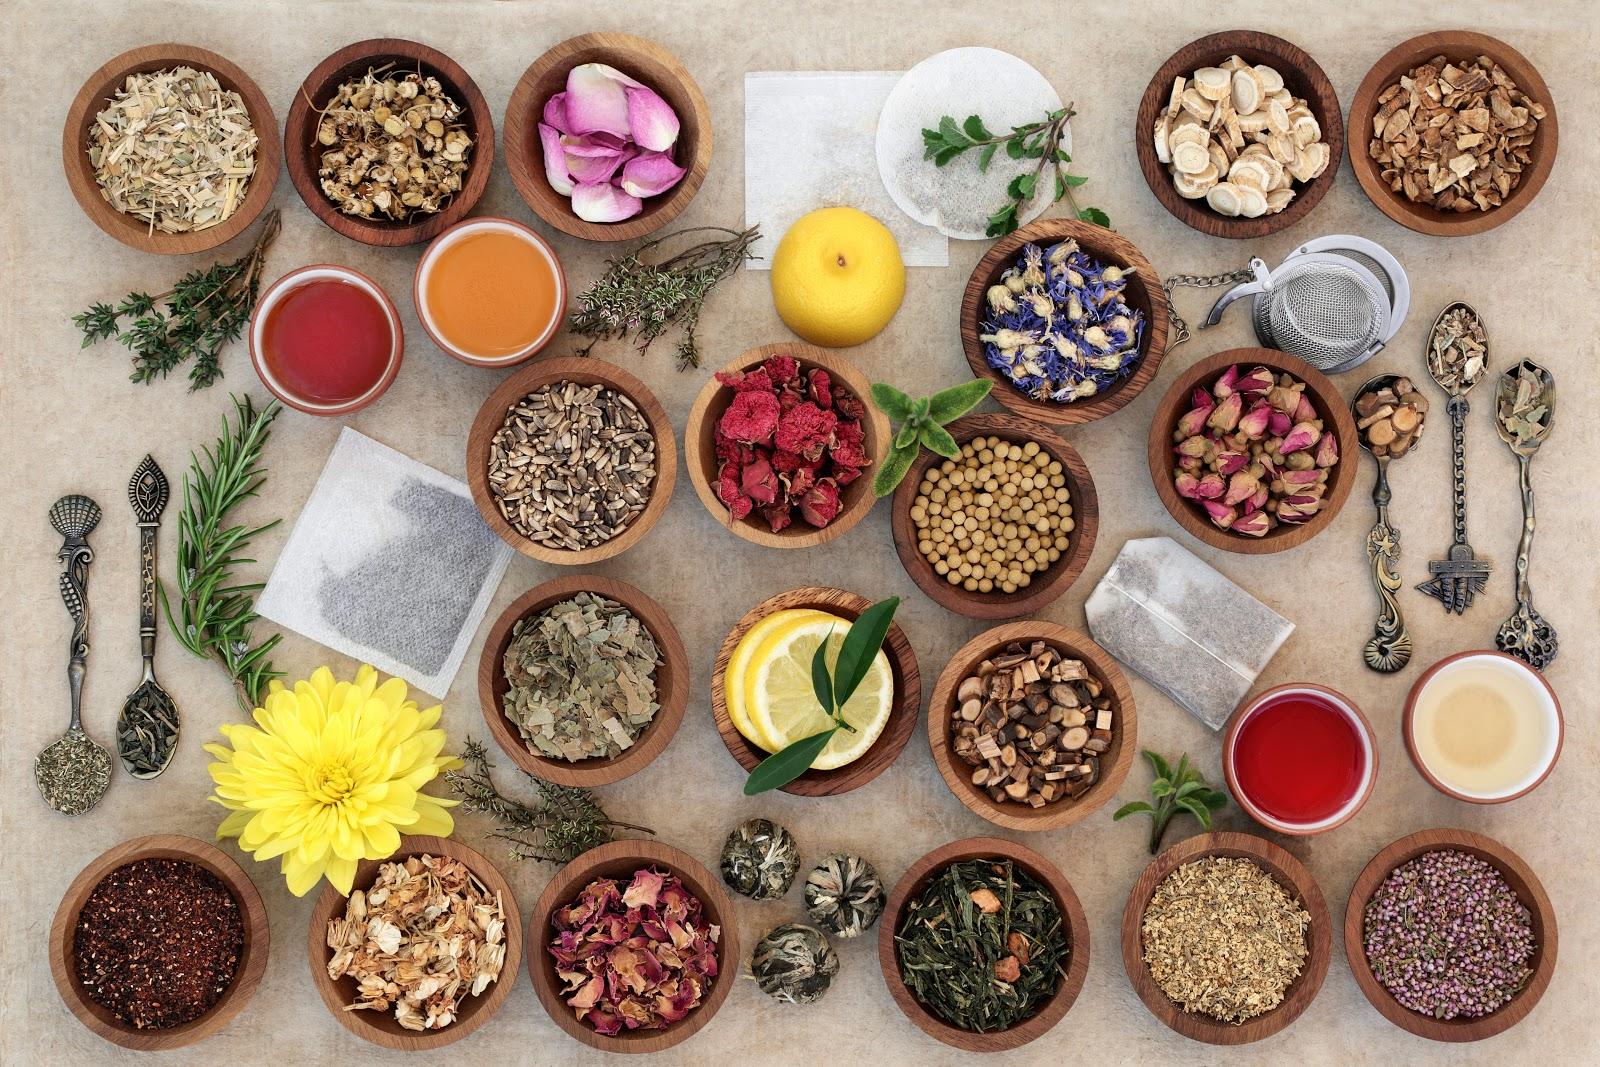 tea sampler in wooden bowls